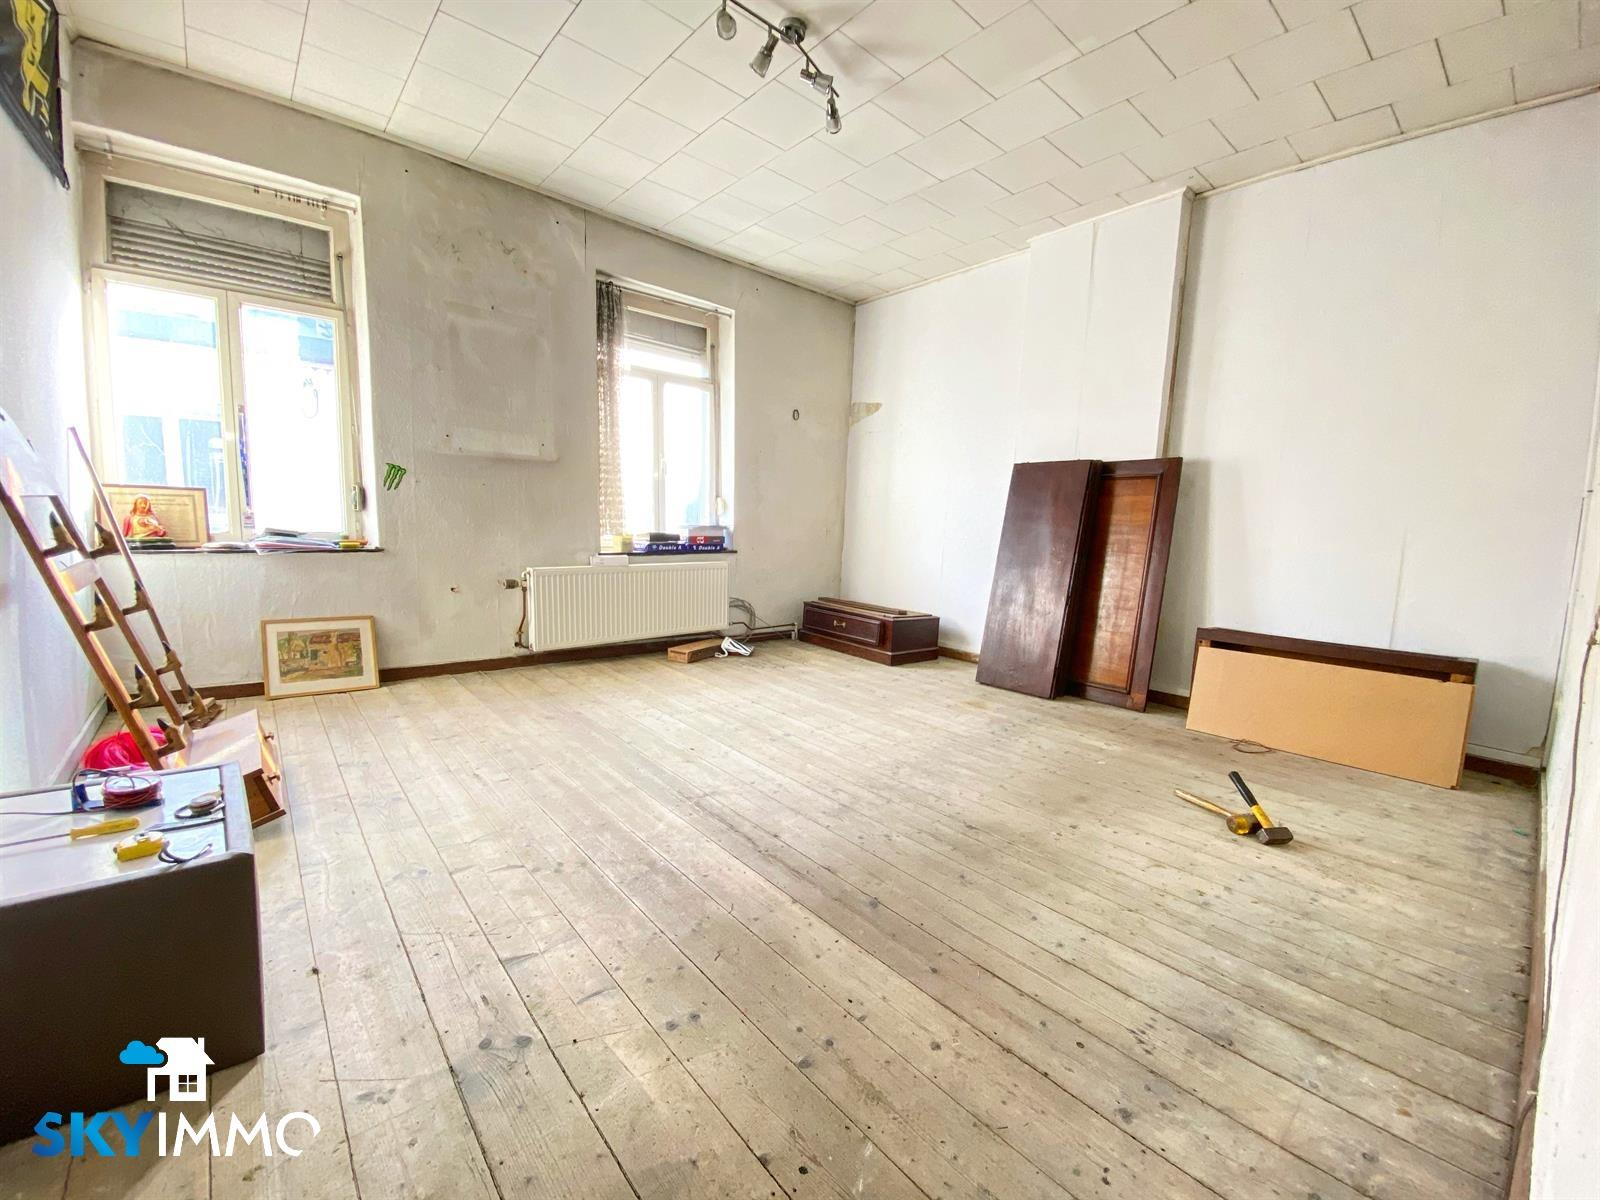 Huis - Saint-Nicolas - #4287983-25